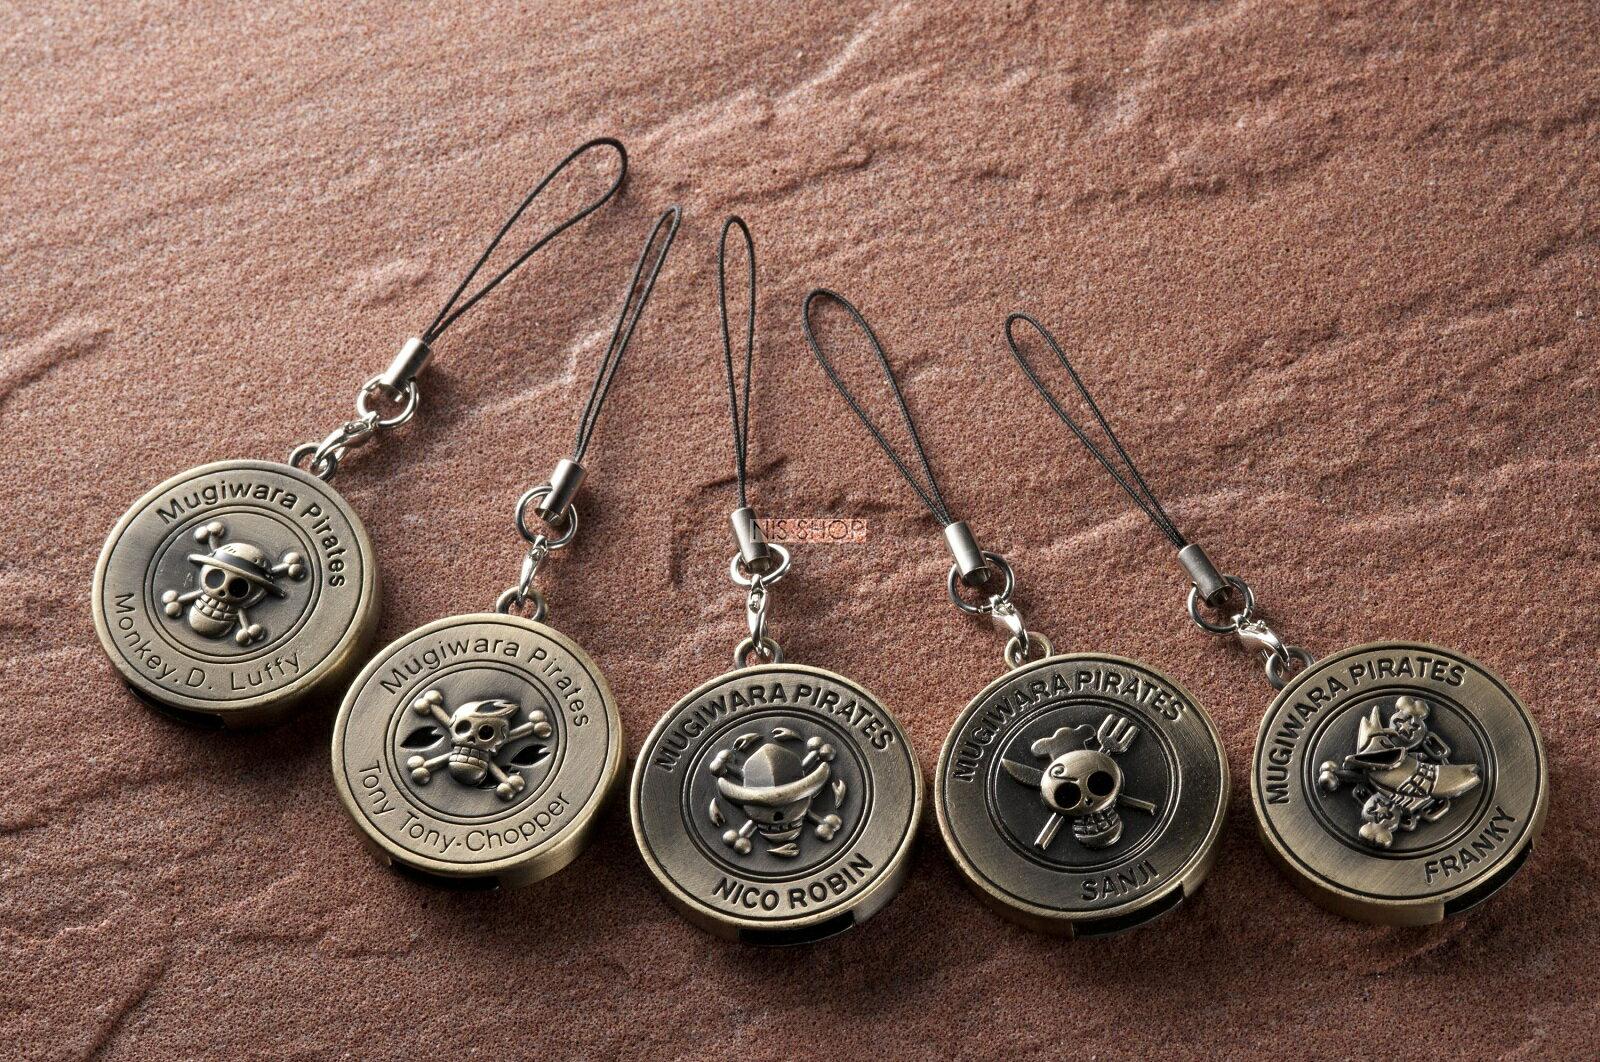 ONE PIECE(ワンピース)コイン型キーホルダーUSBメモリー2G付5種類セットA【ルフィ・チョッパー・ロビン】【サンジ・フランキー】【ポイント20倍】【在庫限り】【20P03Dec16】